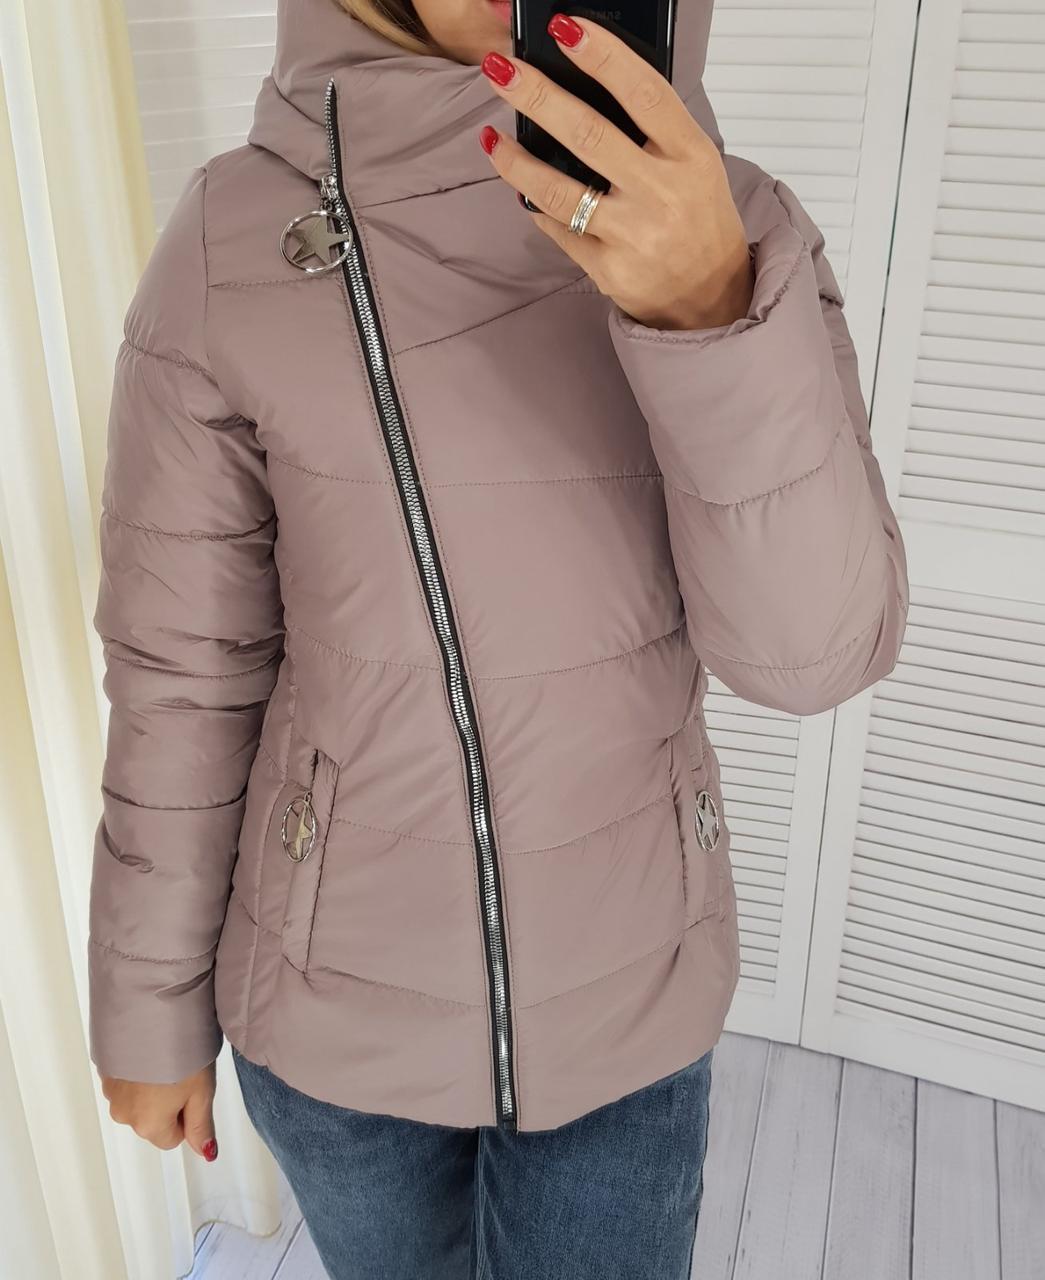 Демисезонная куртка, арт. 501, цвет темно лиловый кофе и молоко